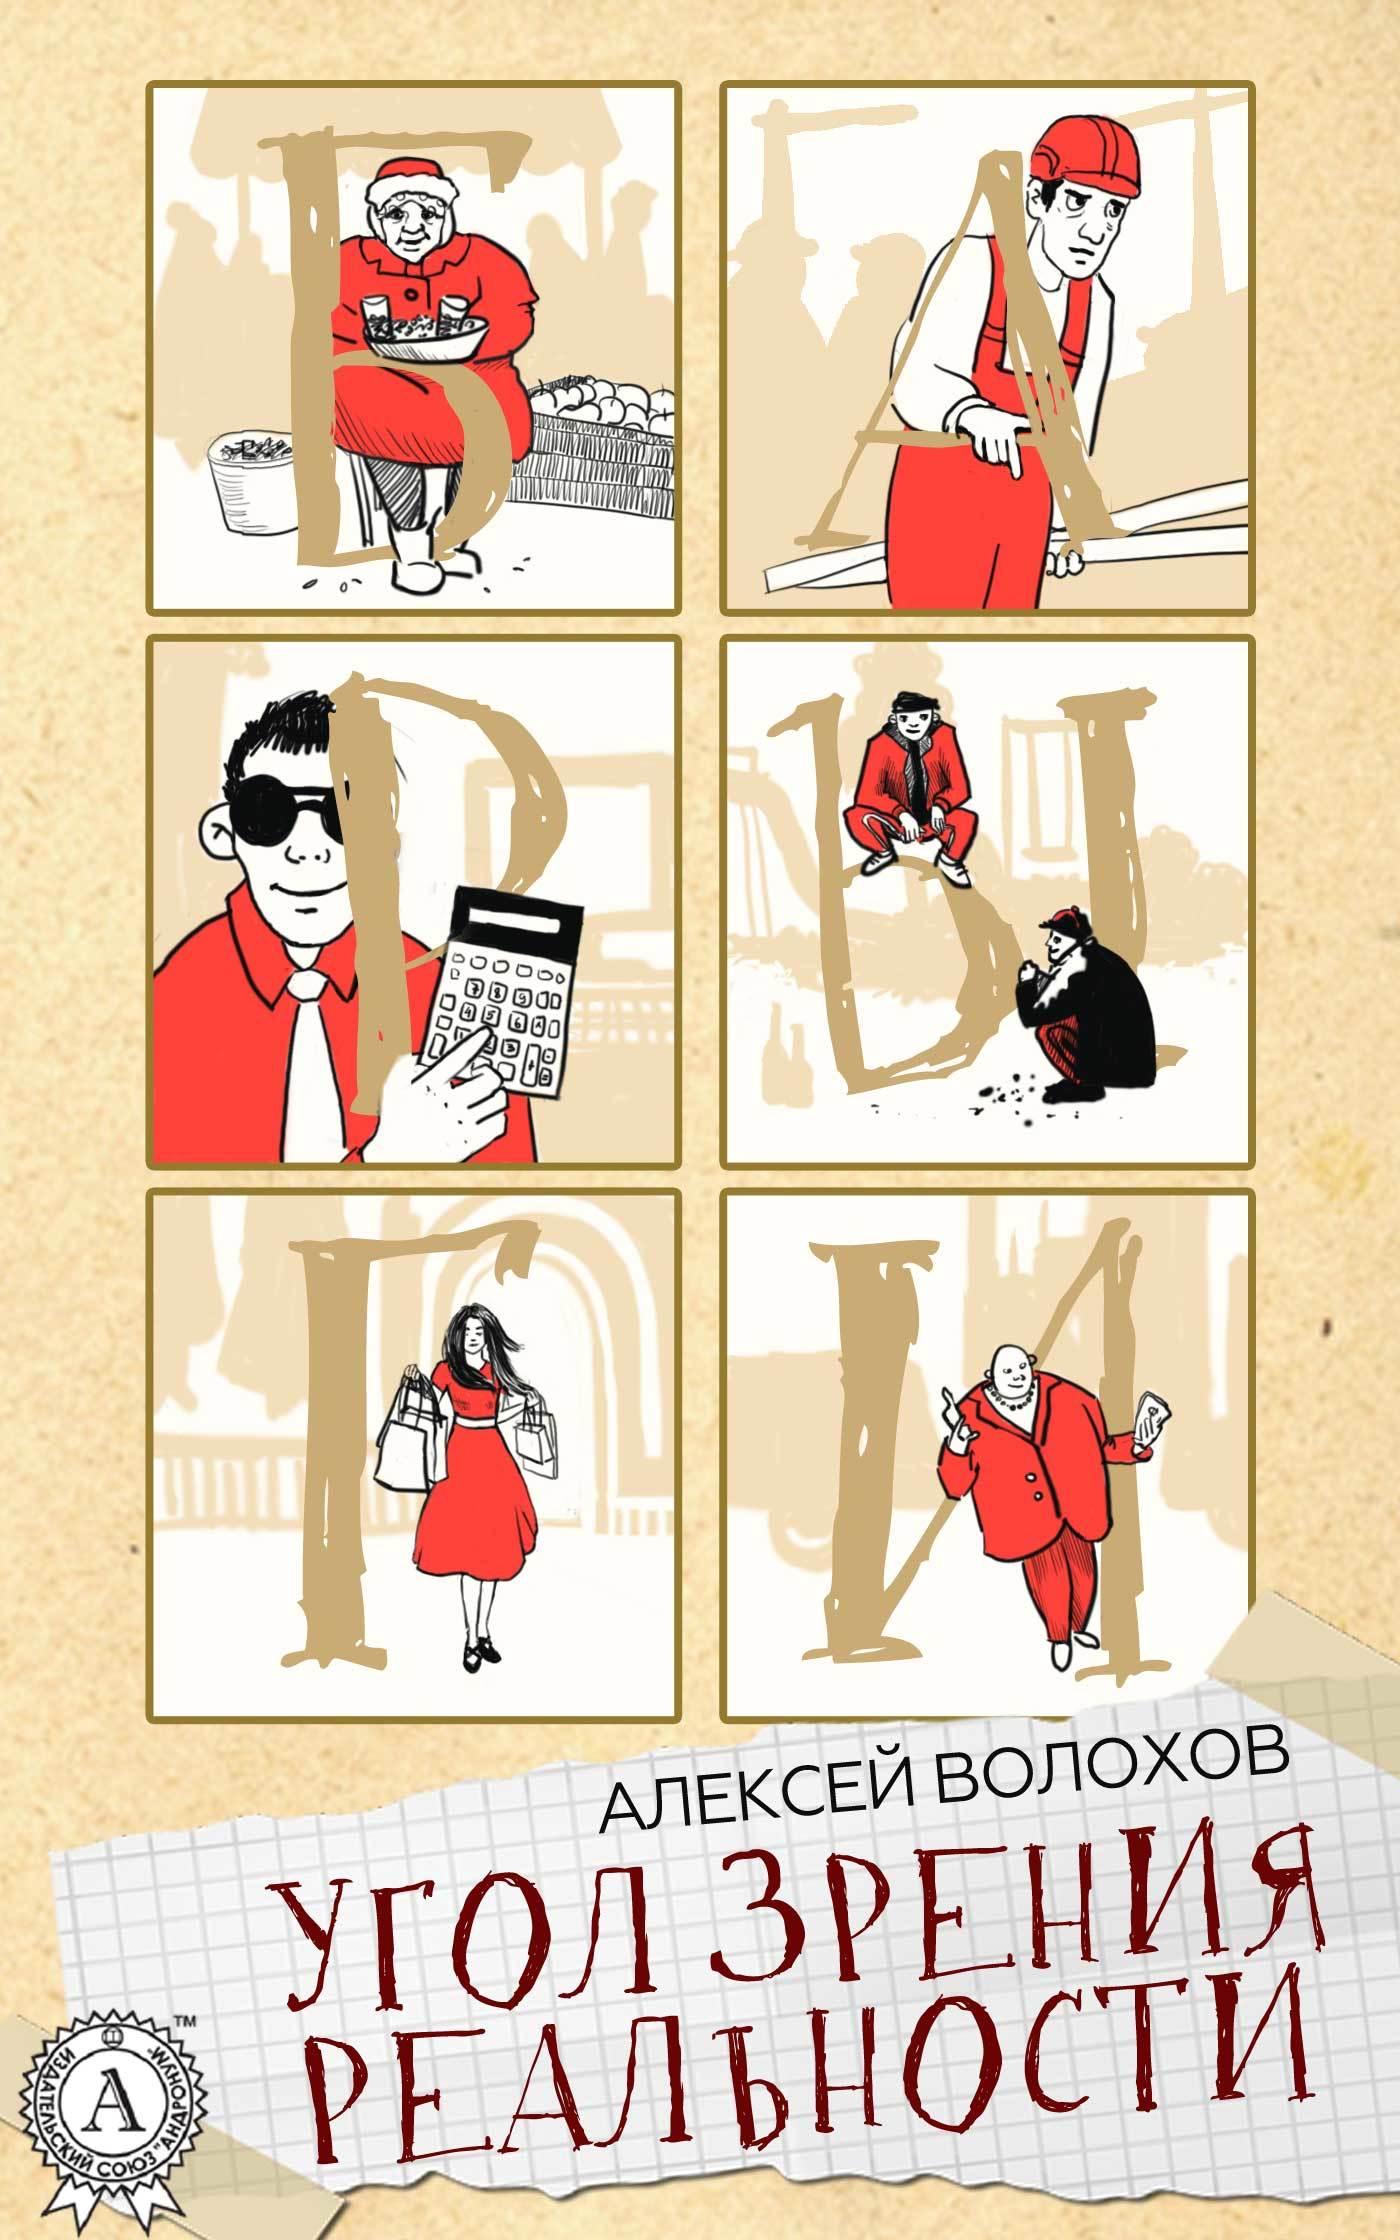 Обложка книги. Автор - Алексей Волохов